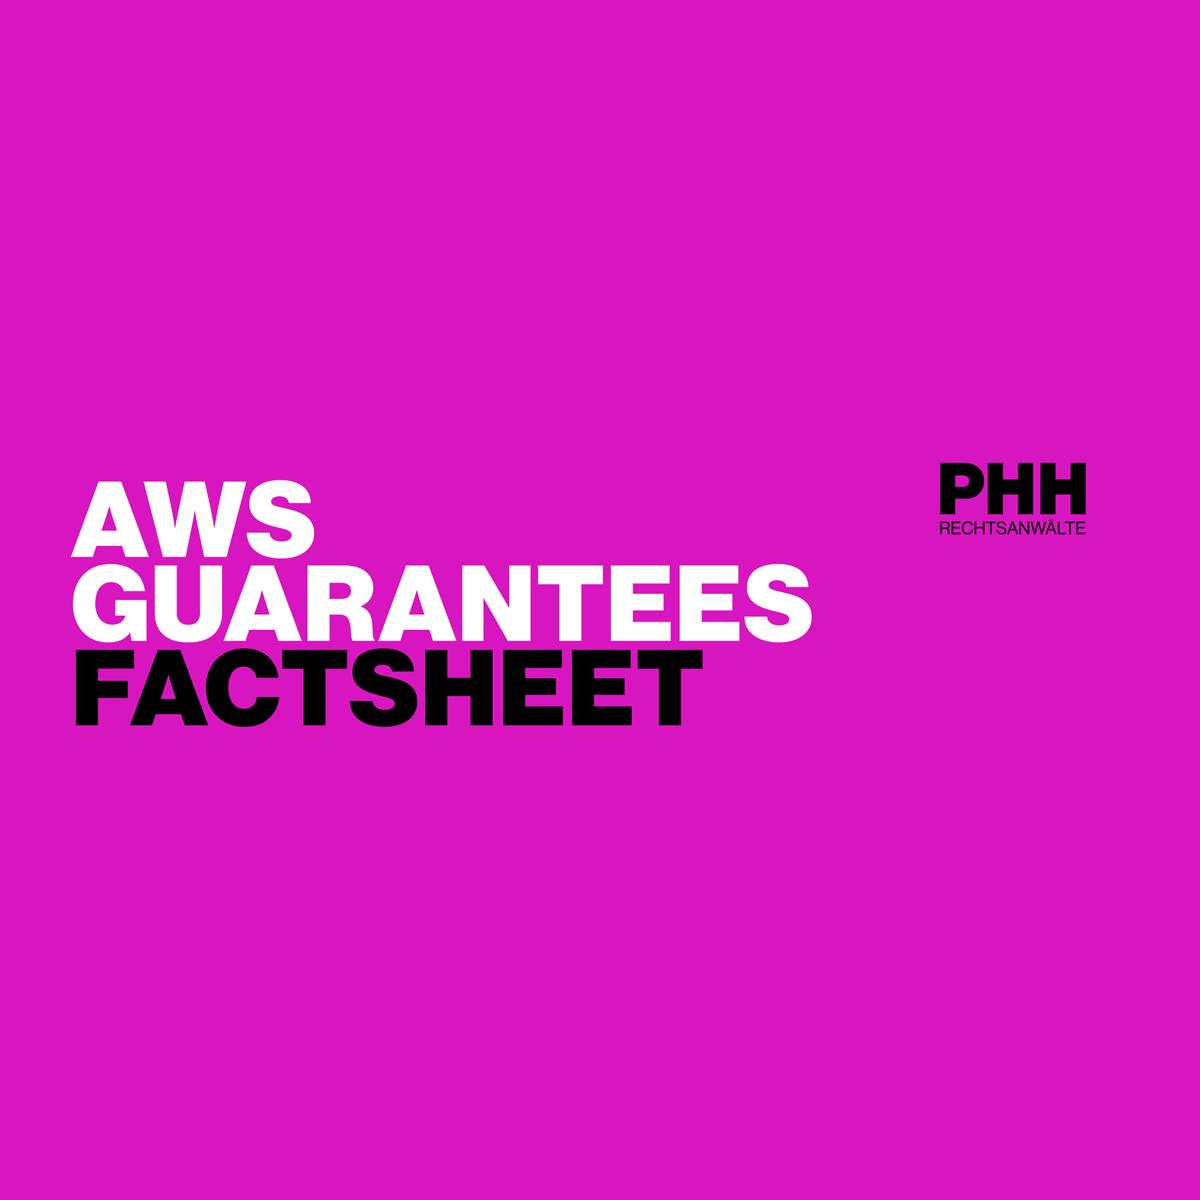 COVID-19: AWS Guarantees